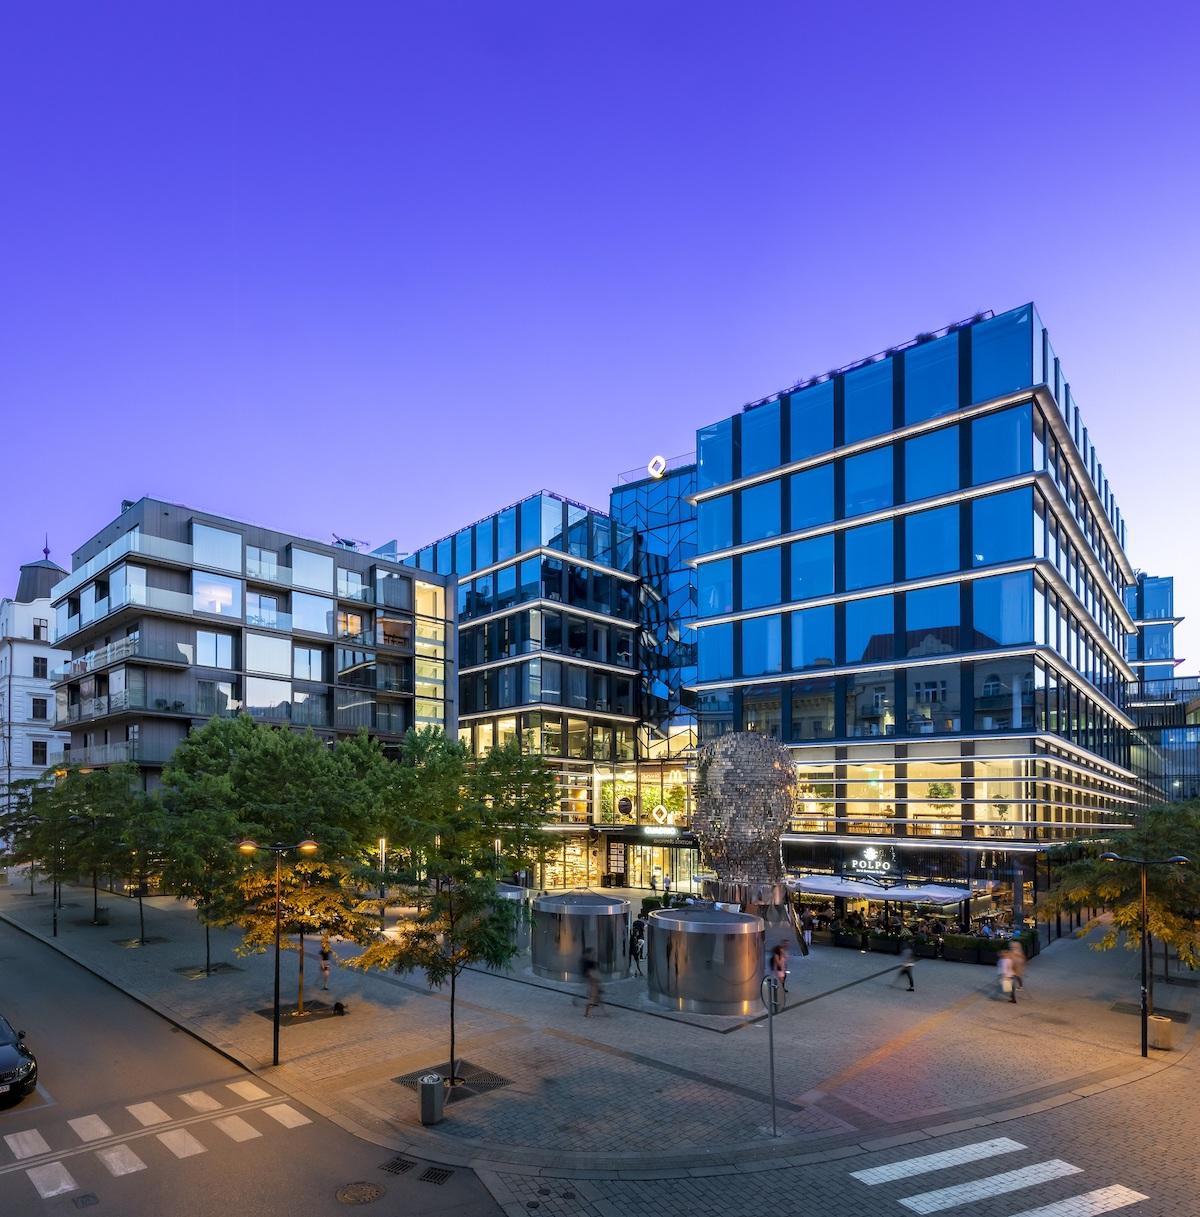 Nákupní prostor Quadrio vlastní CPI Property Group